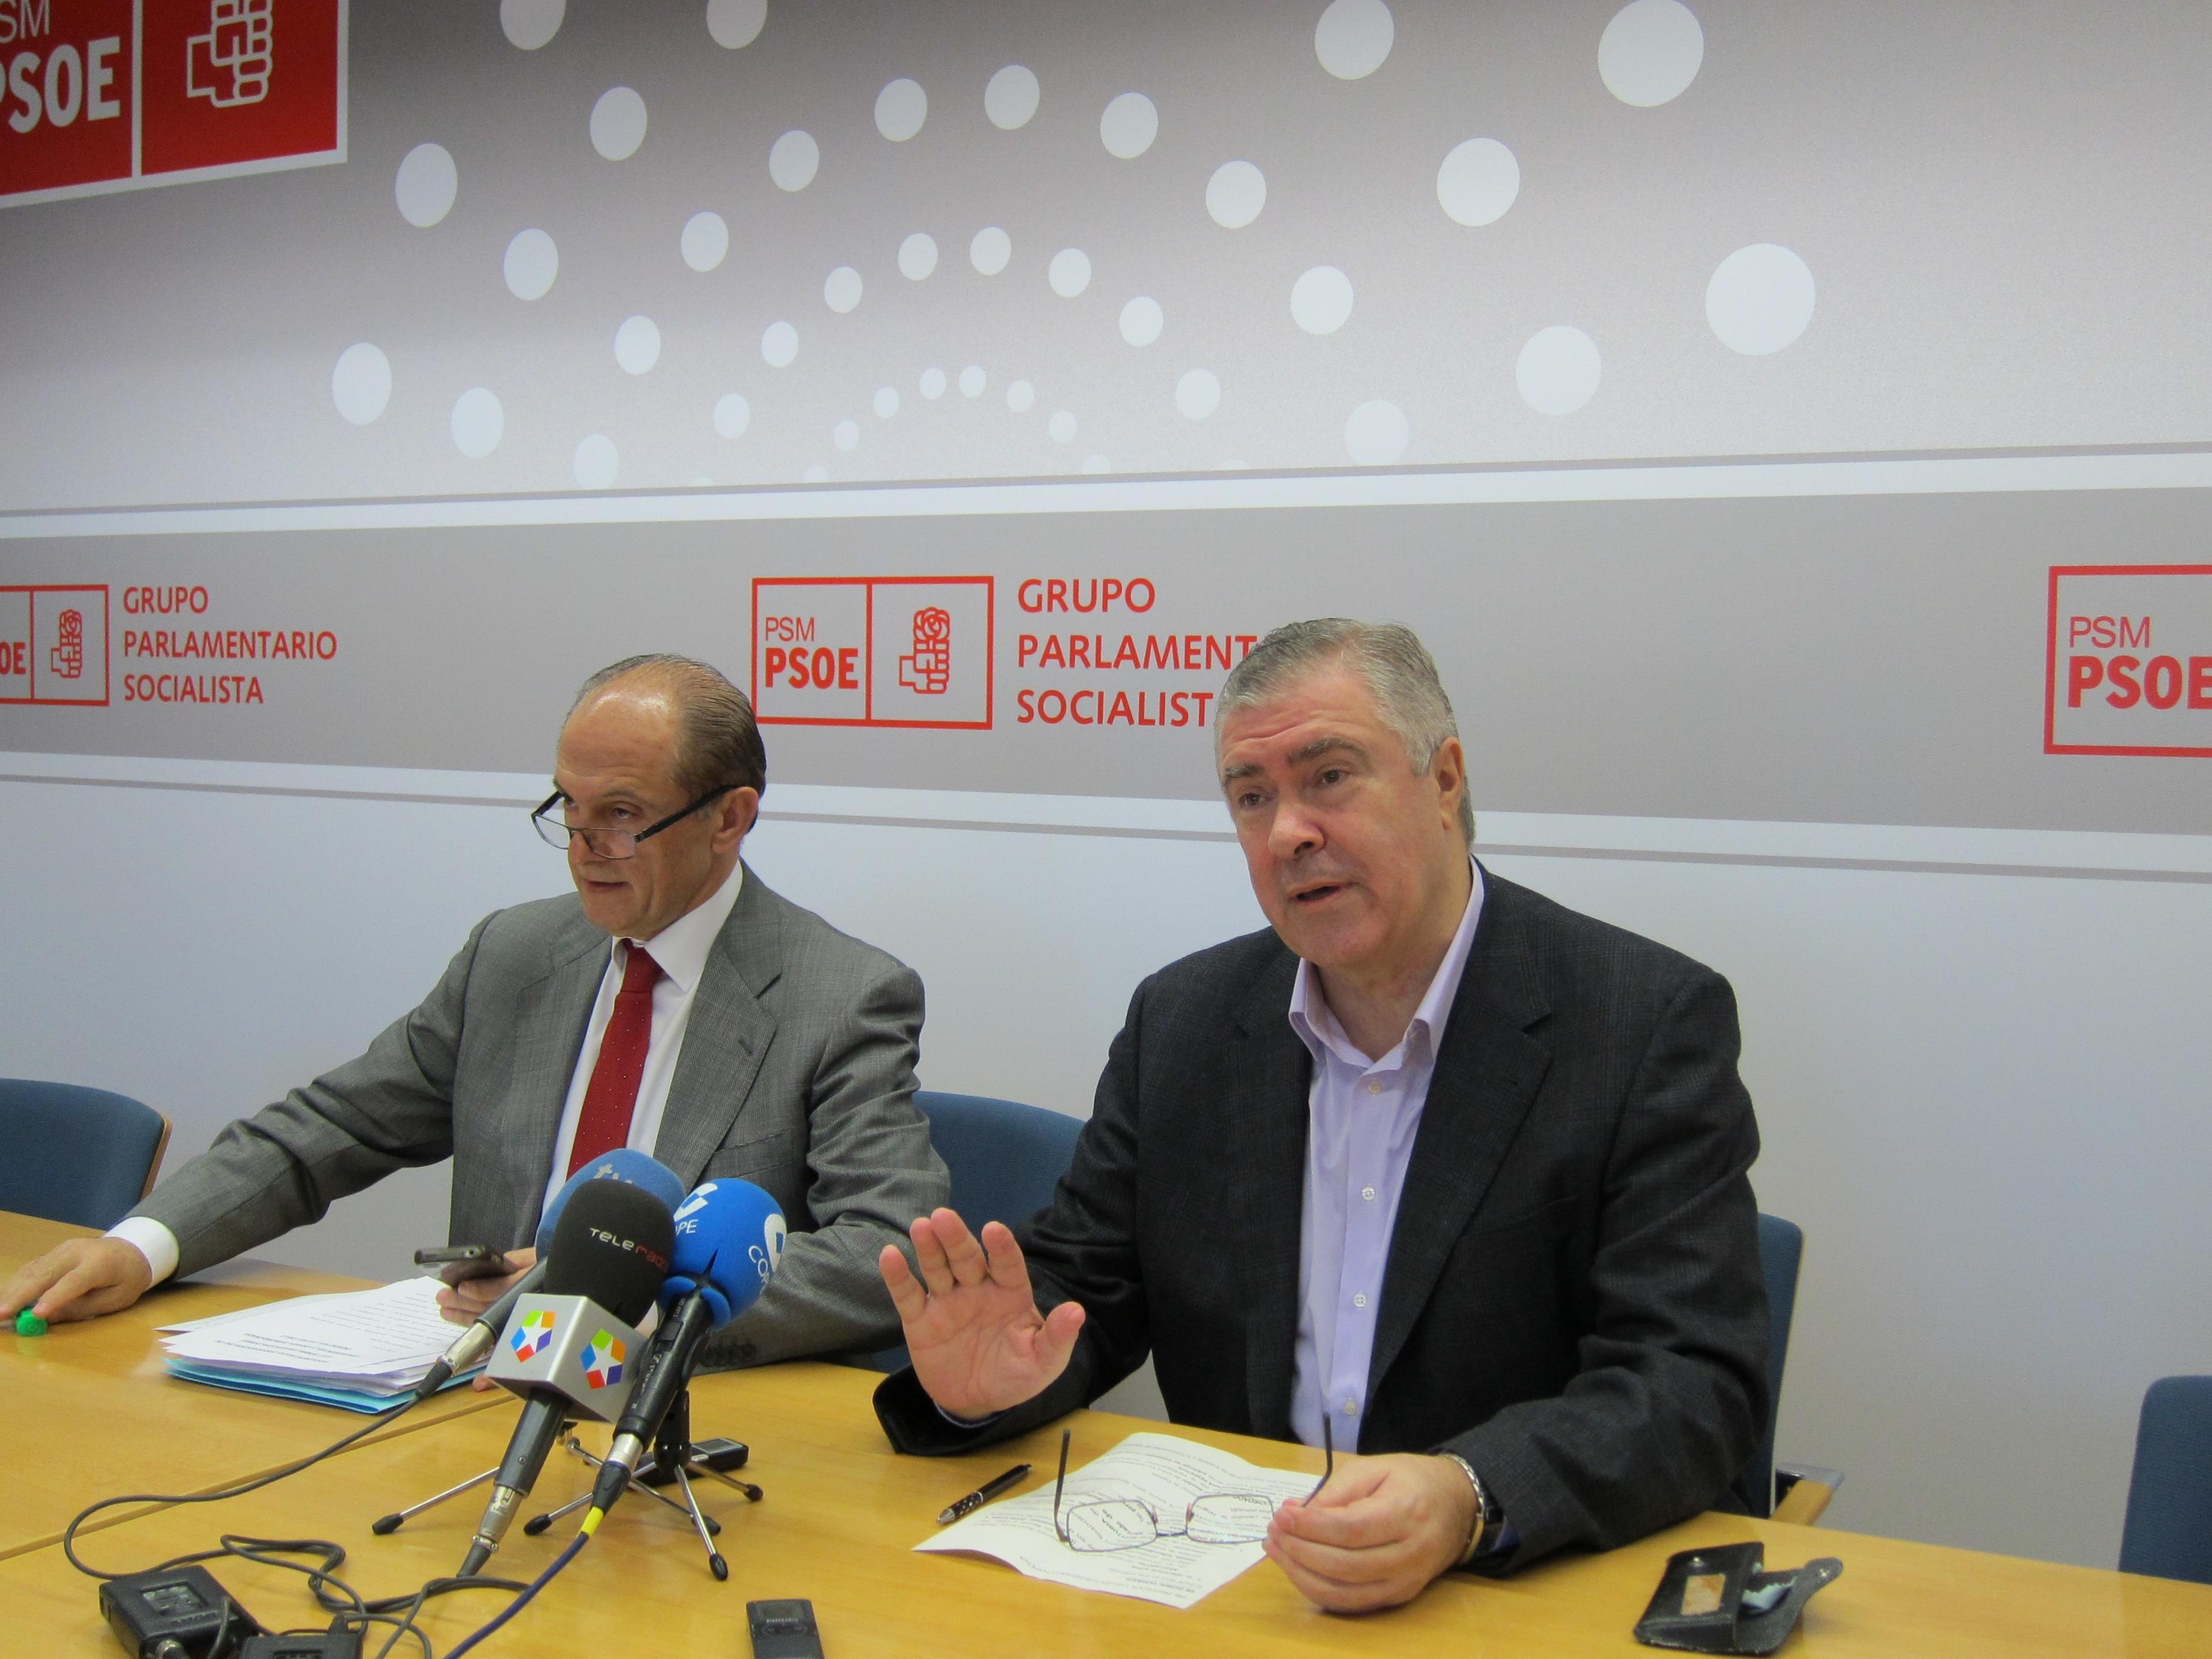 La Asamblea de Madrid nombra a Quintana senador en sustitución de Tomás Gómez